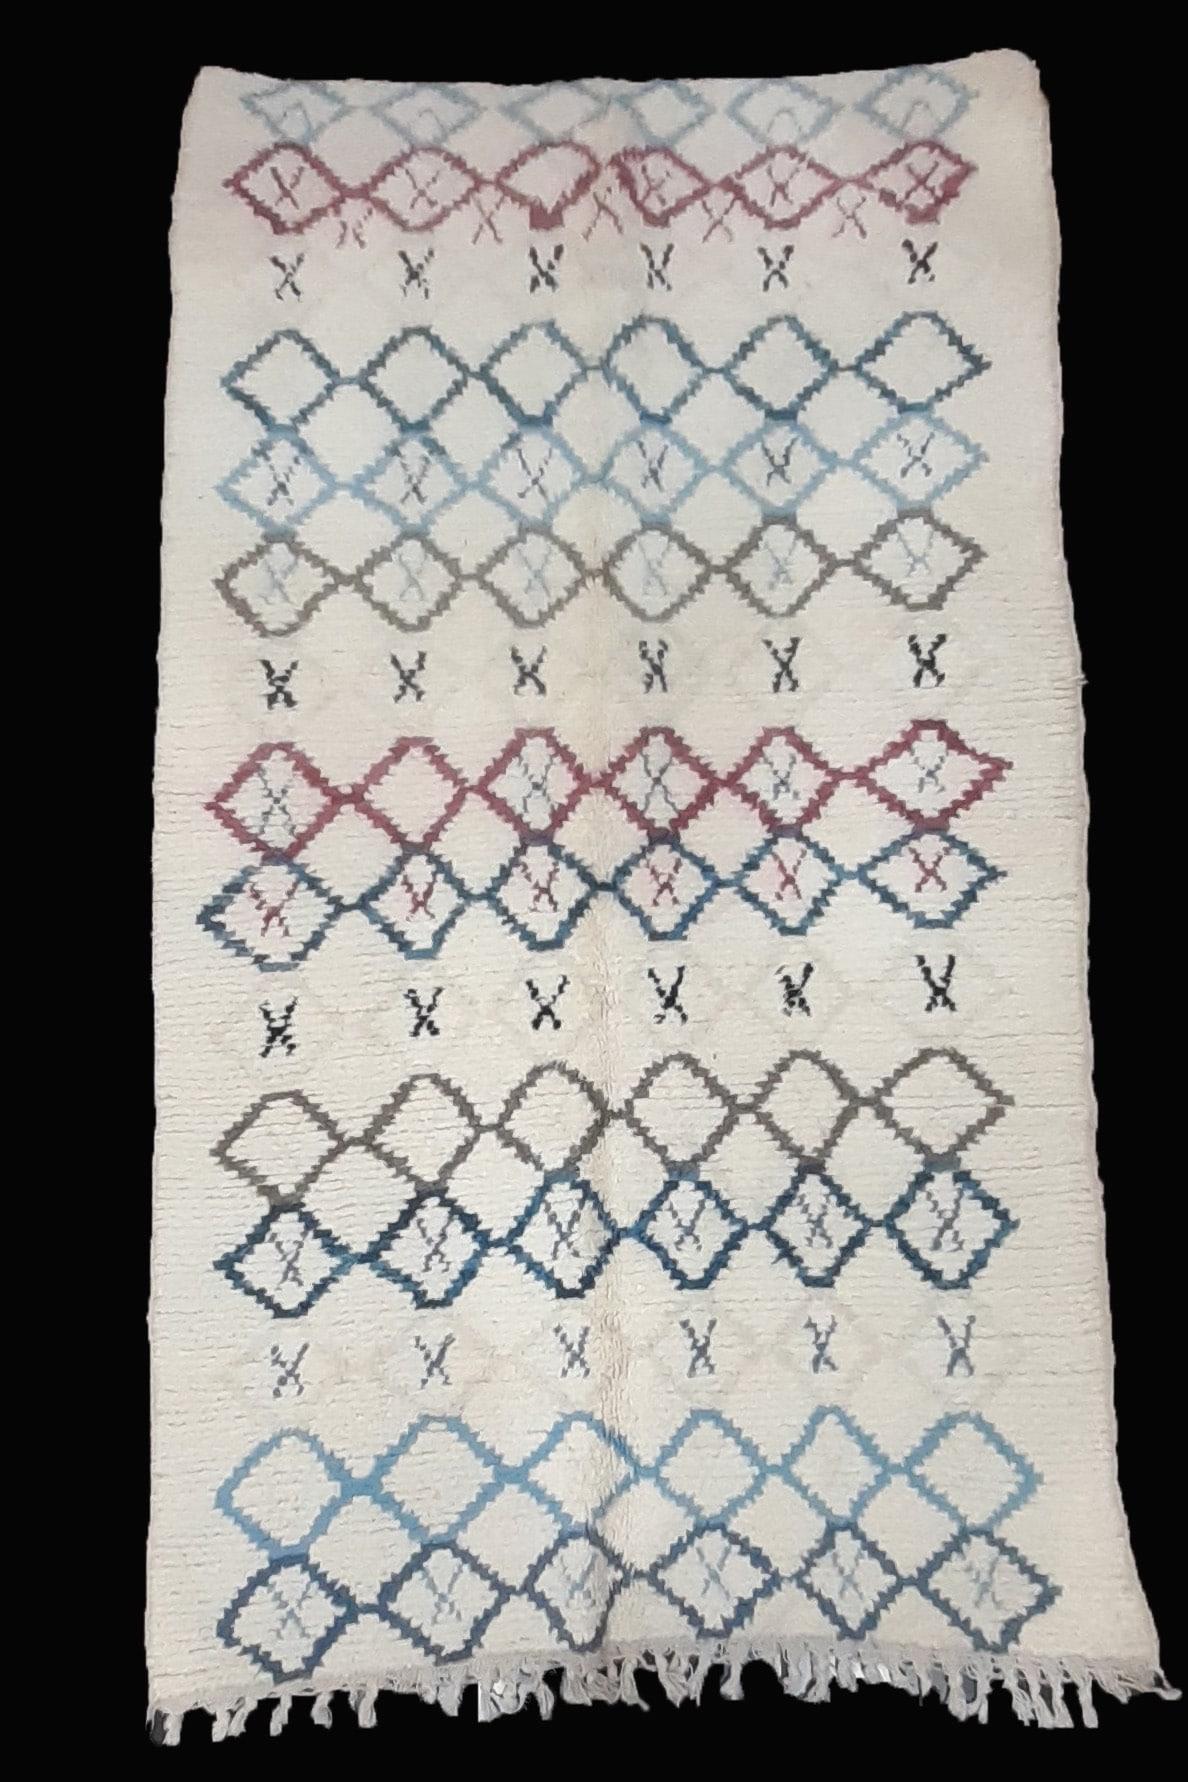 tapis berbere azilal tisse a la main par les femmes au Maroc dans l'Atlas en pure laine tissé main piece unique